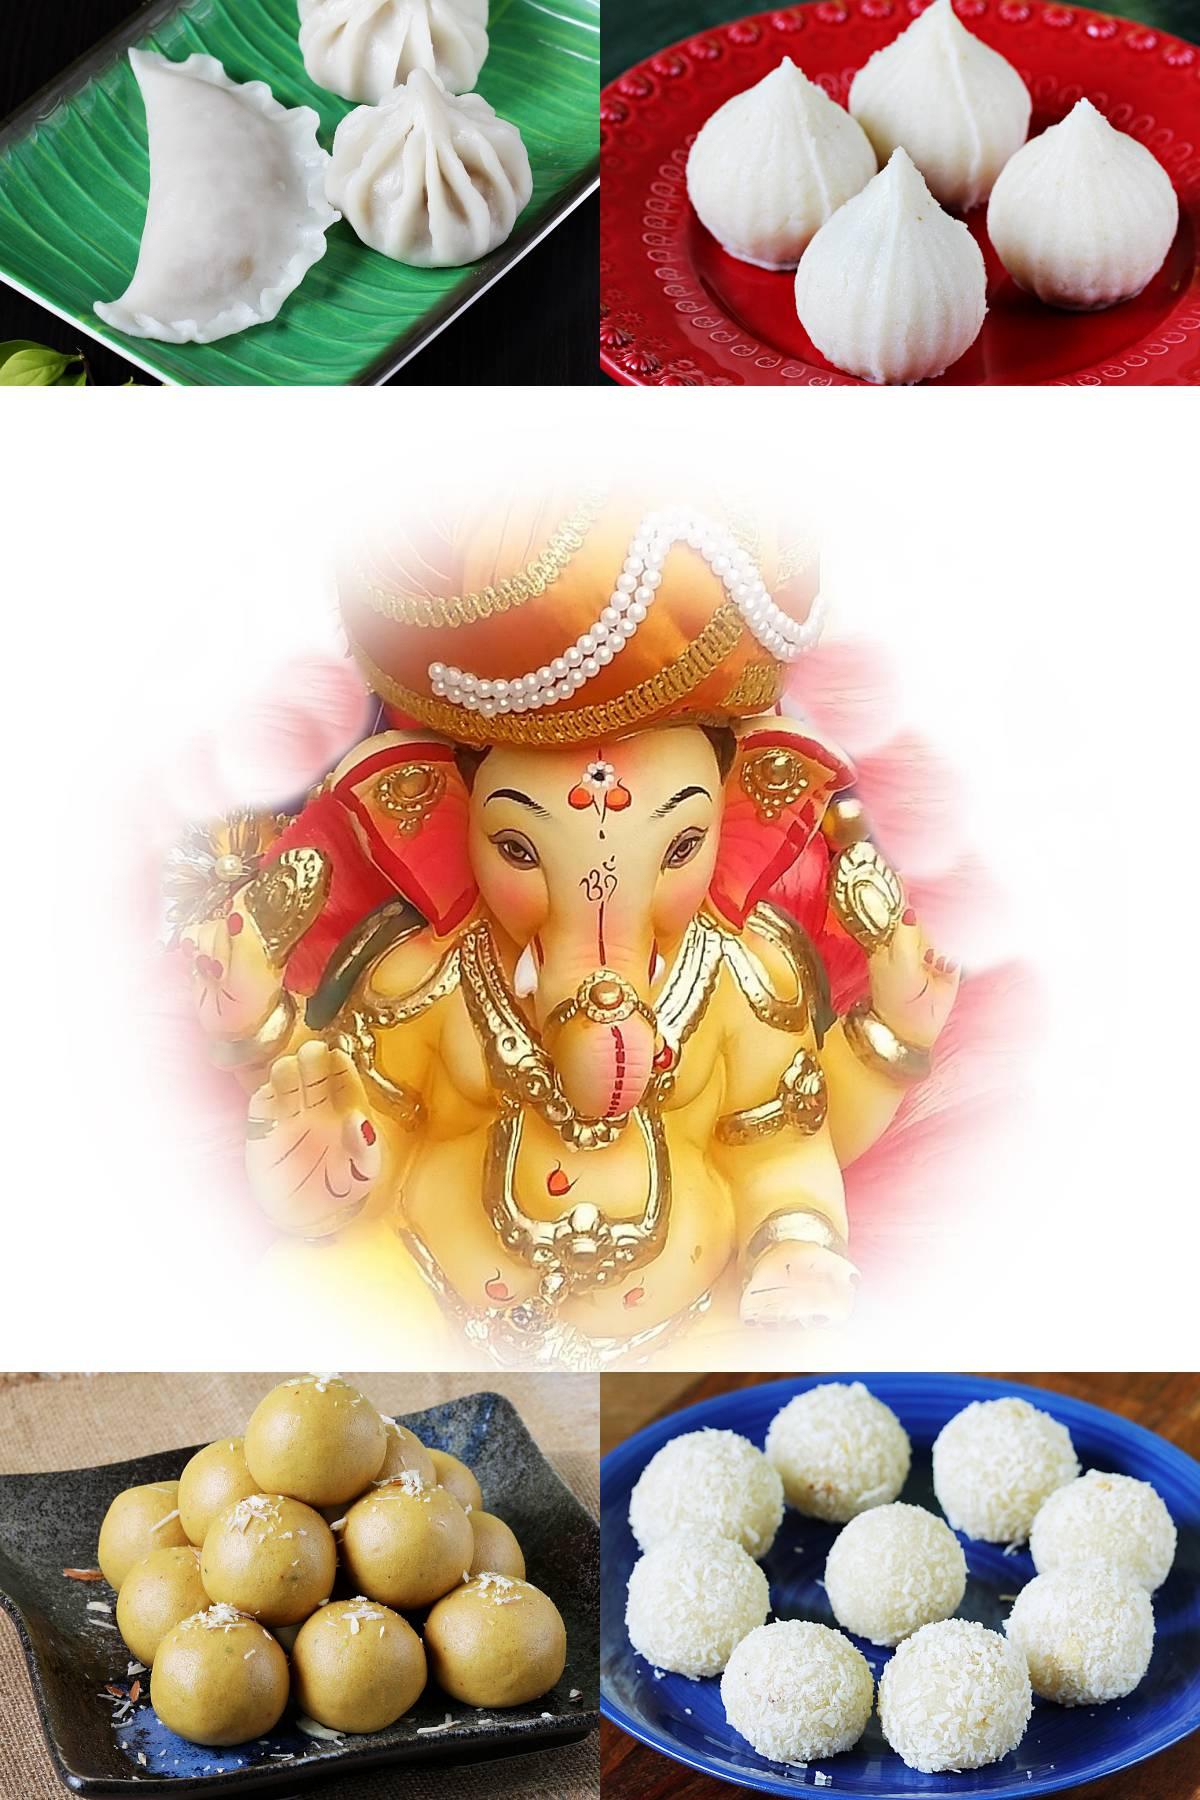 vinayaka chavithi recipes